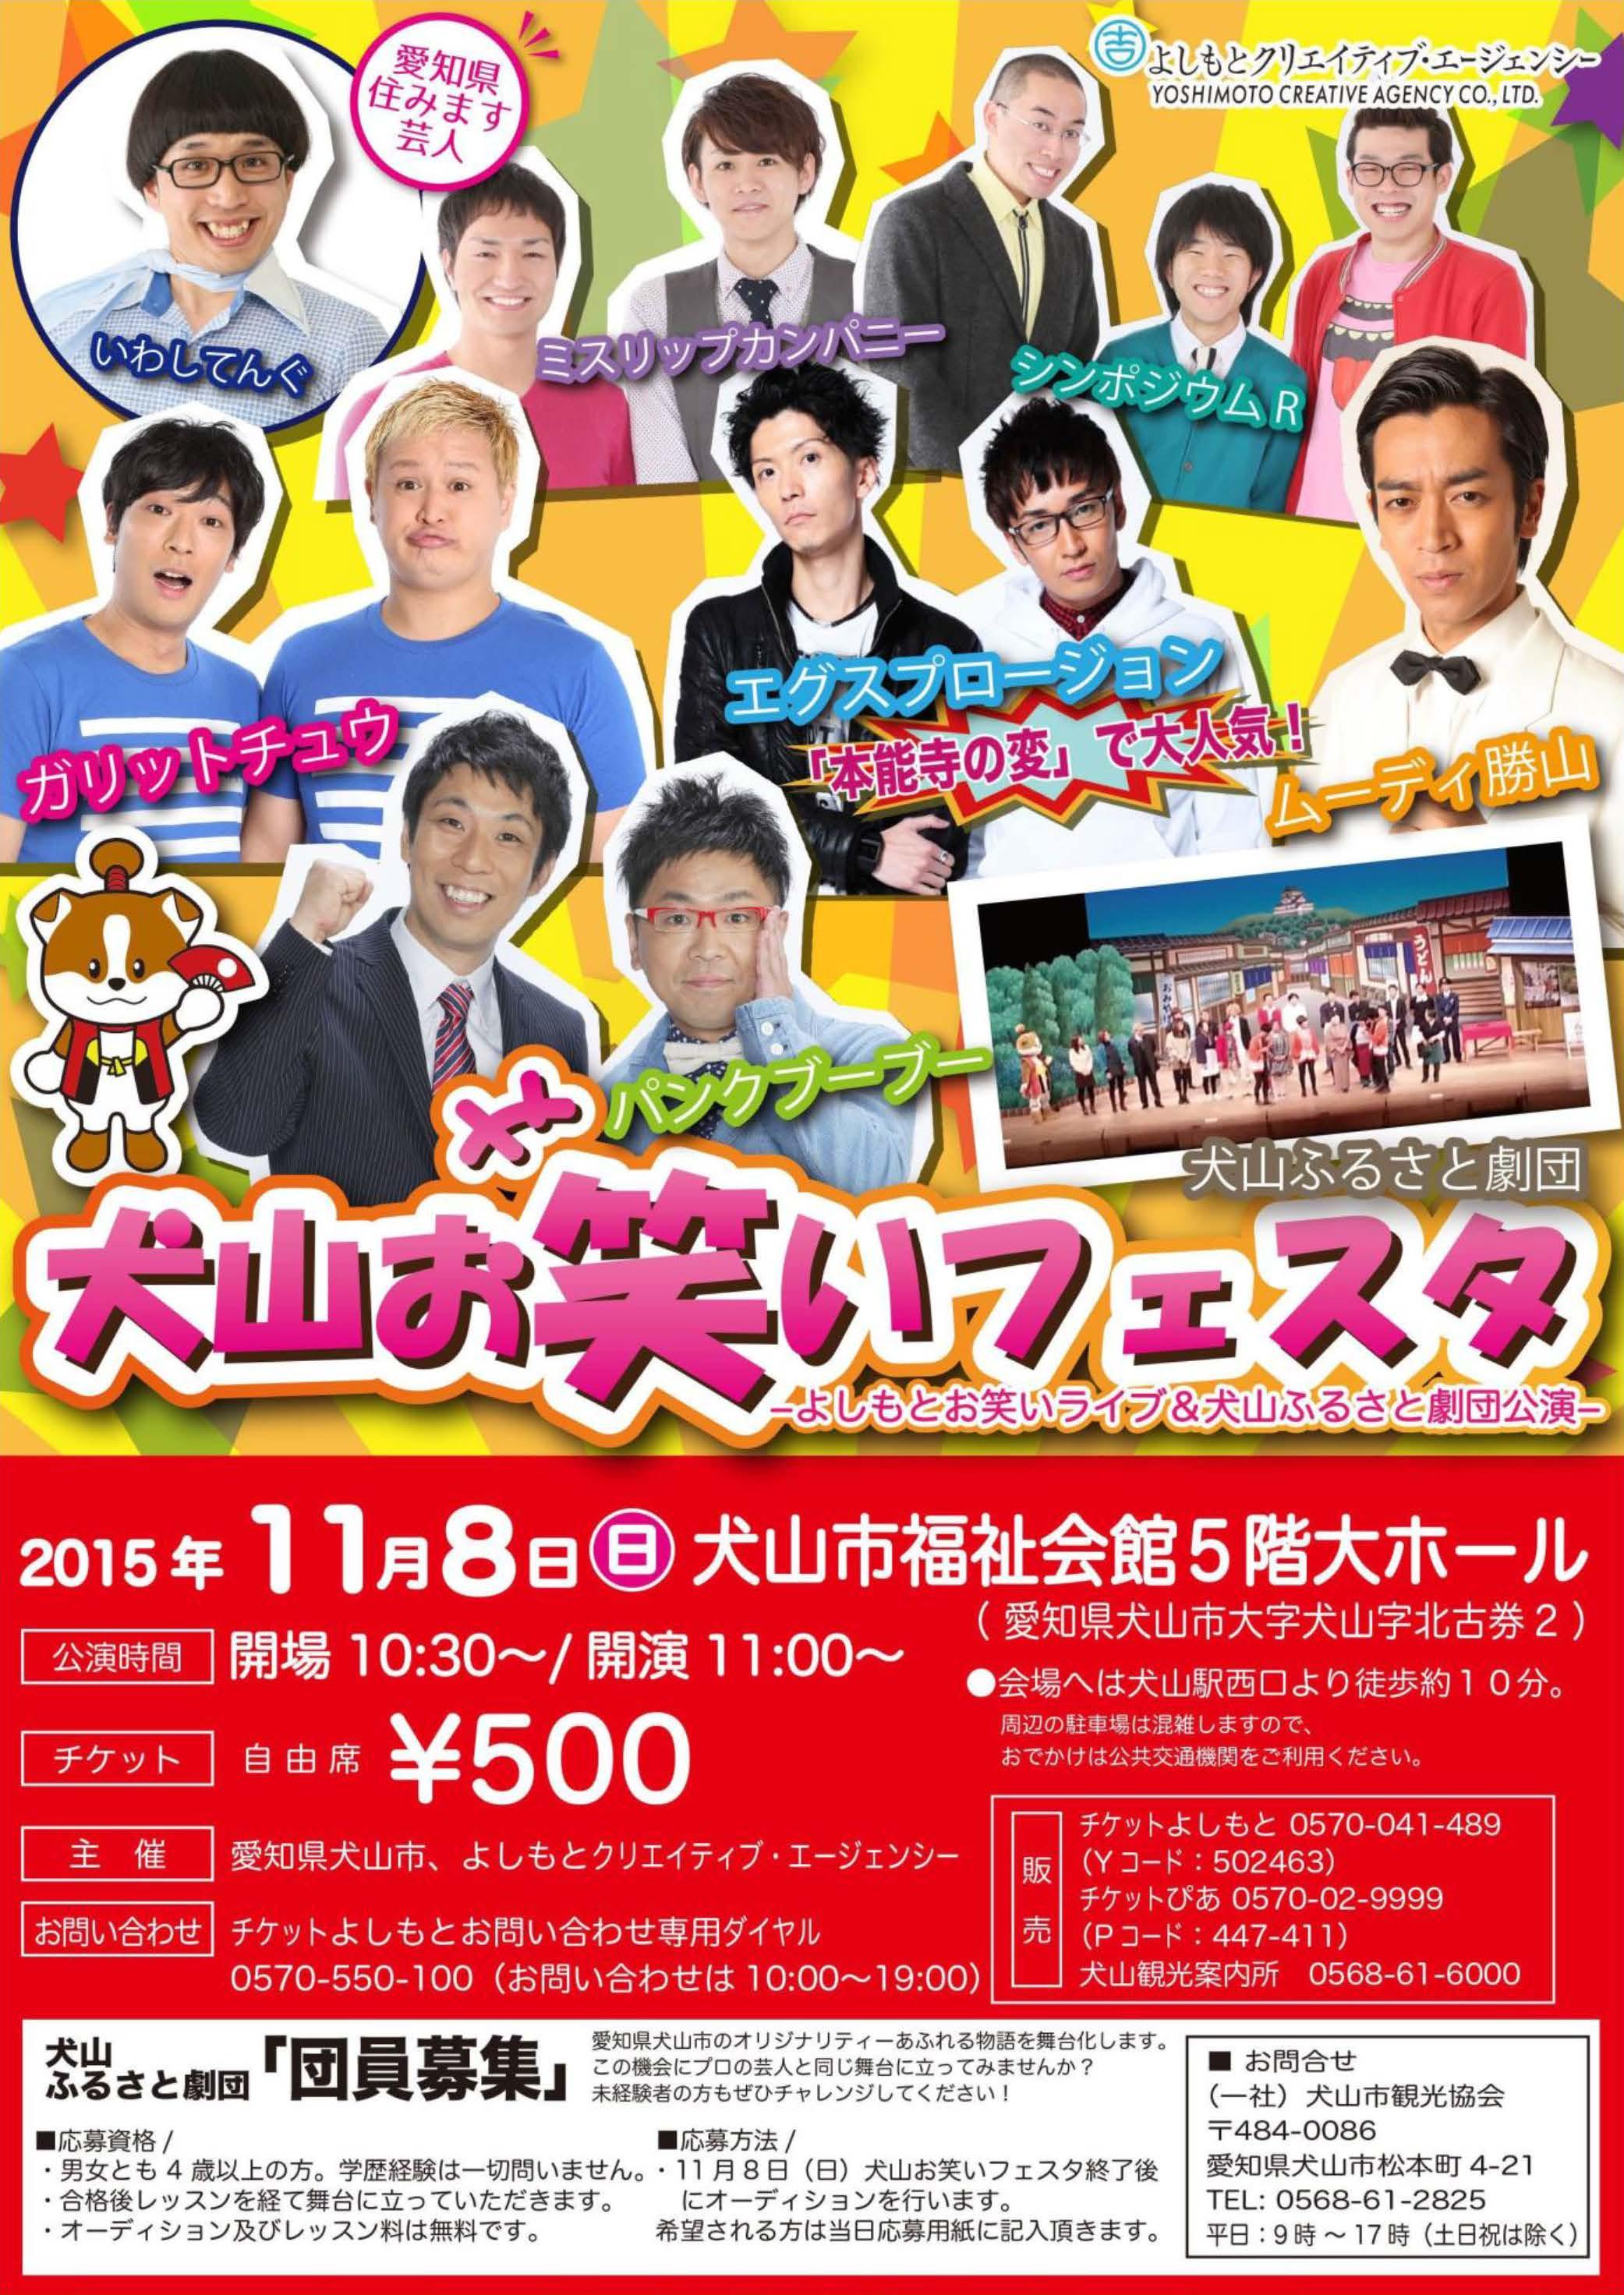 owaraifesta2015